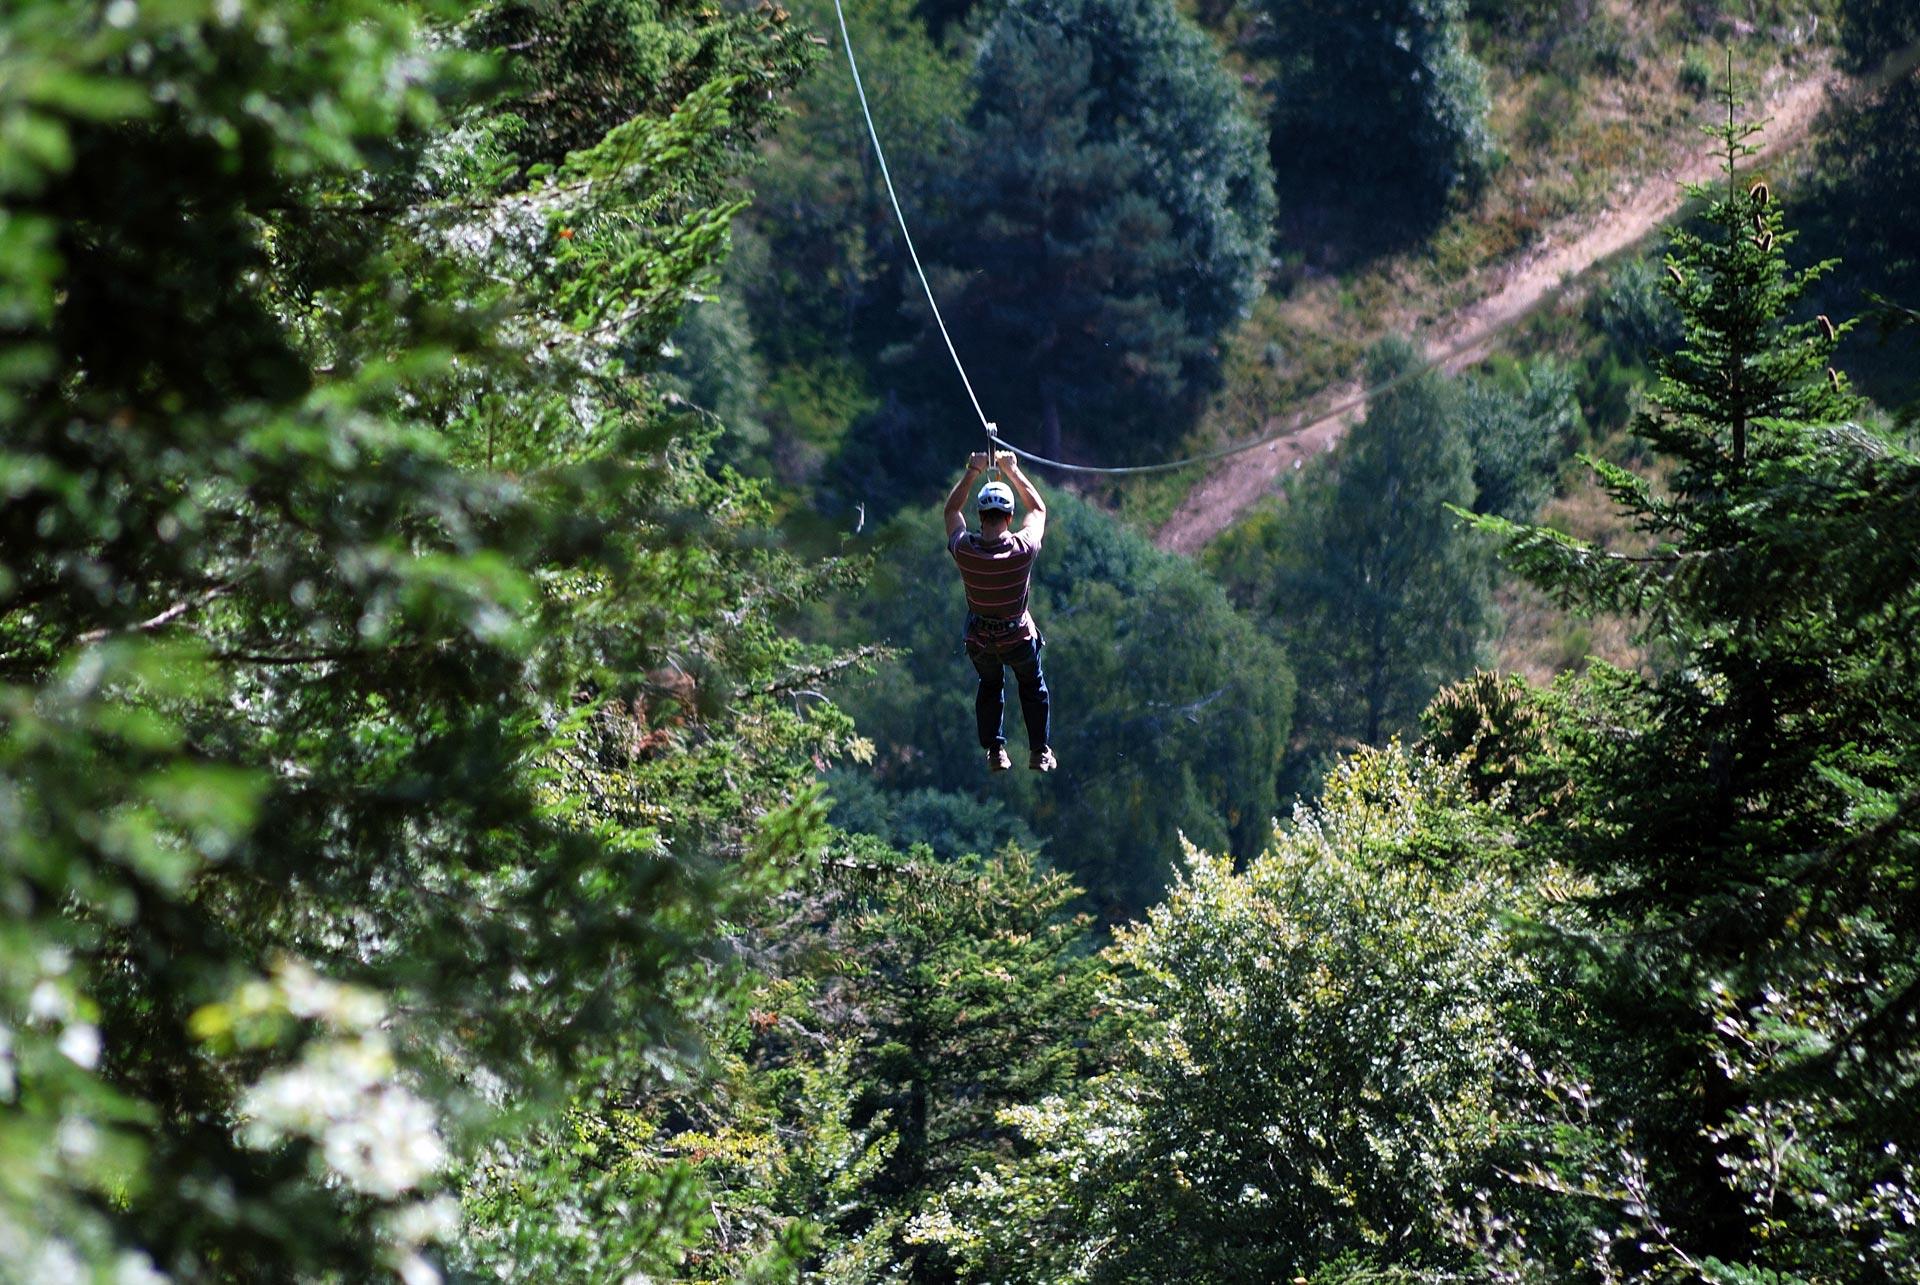 parc-activite-montagne-praboure-tyrolienne-geante-4